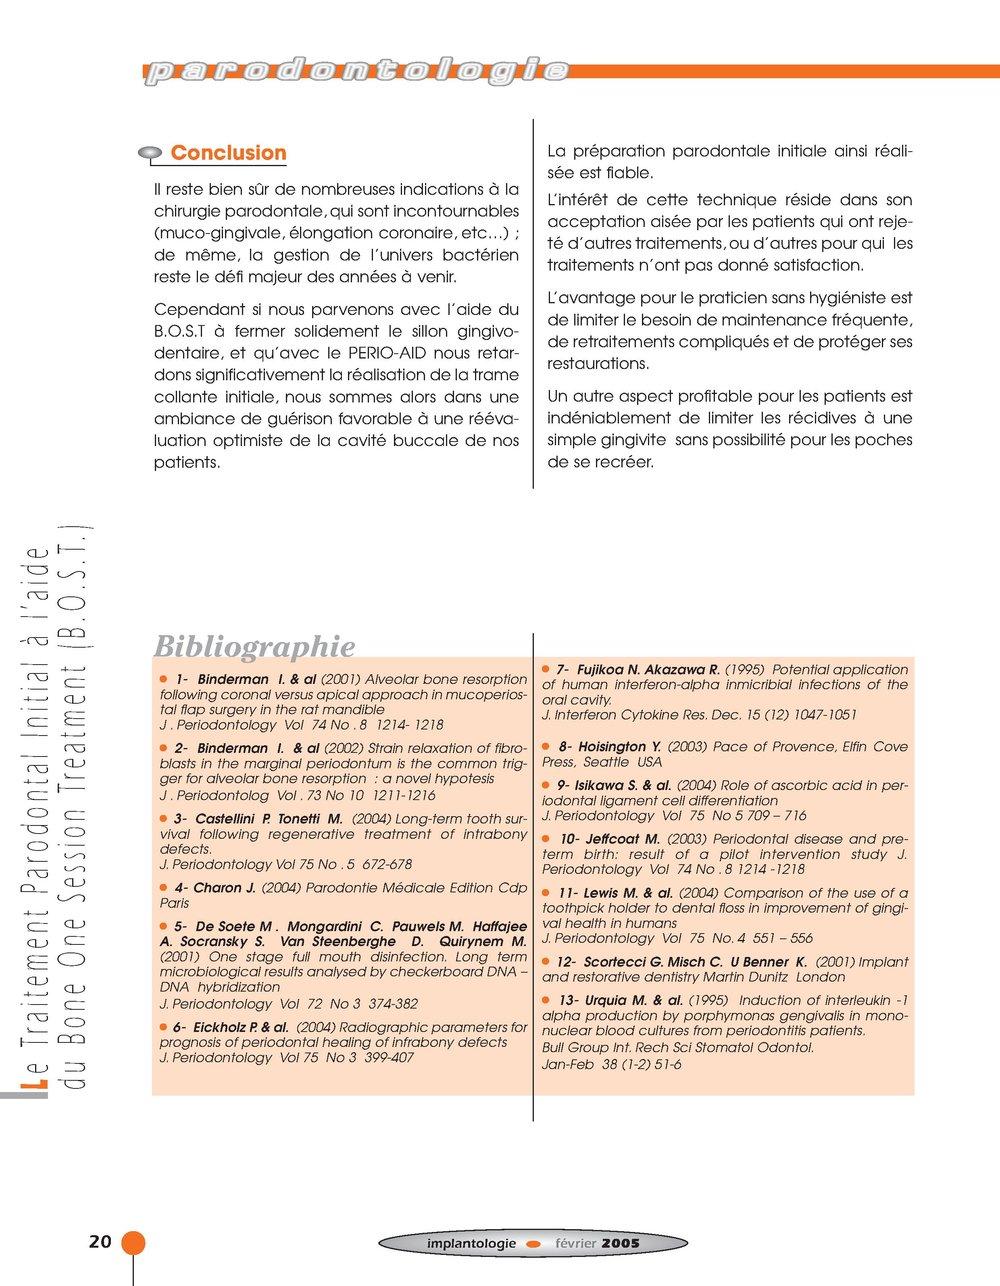 Implantologie BOST Article 14 BLZ-14.jpg